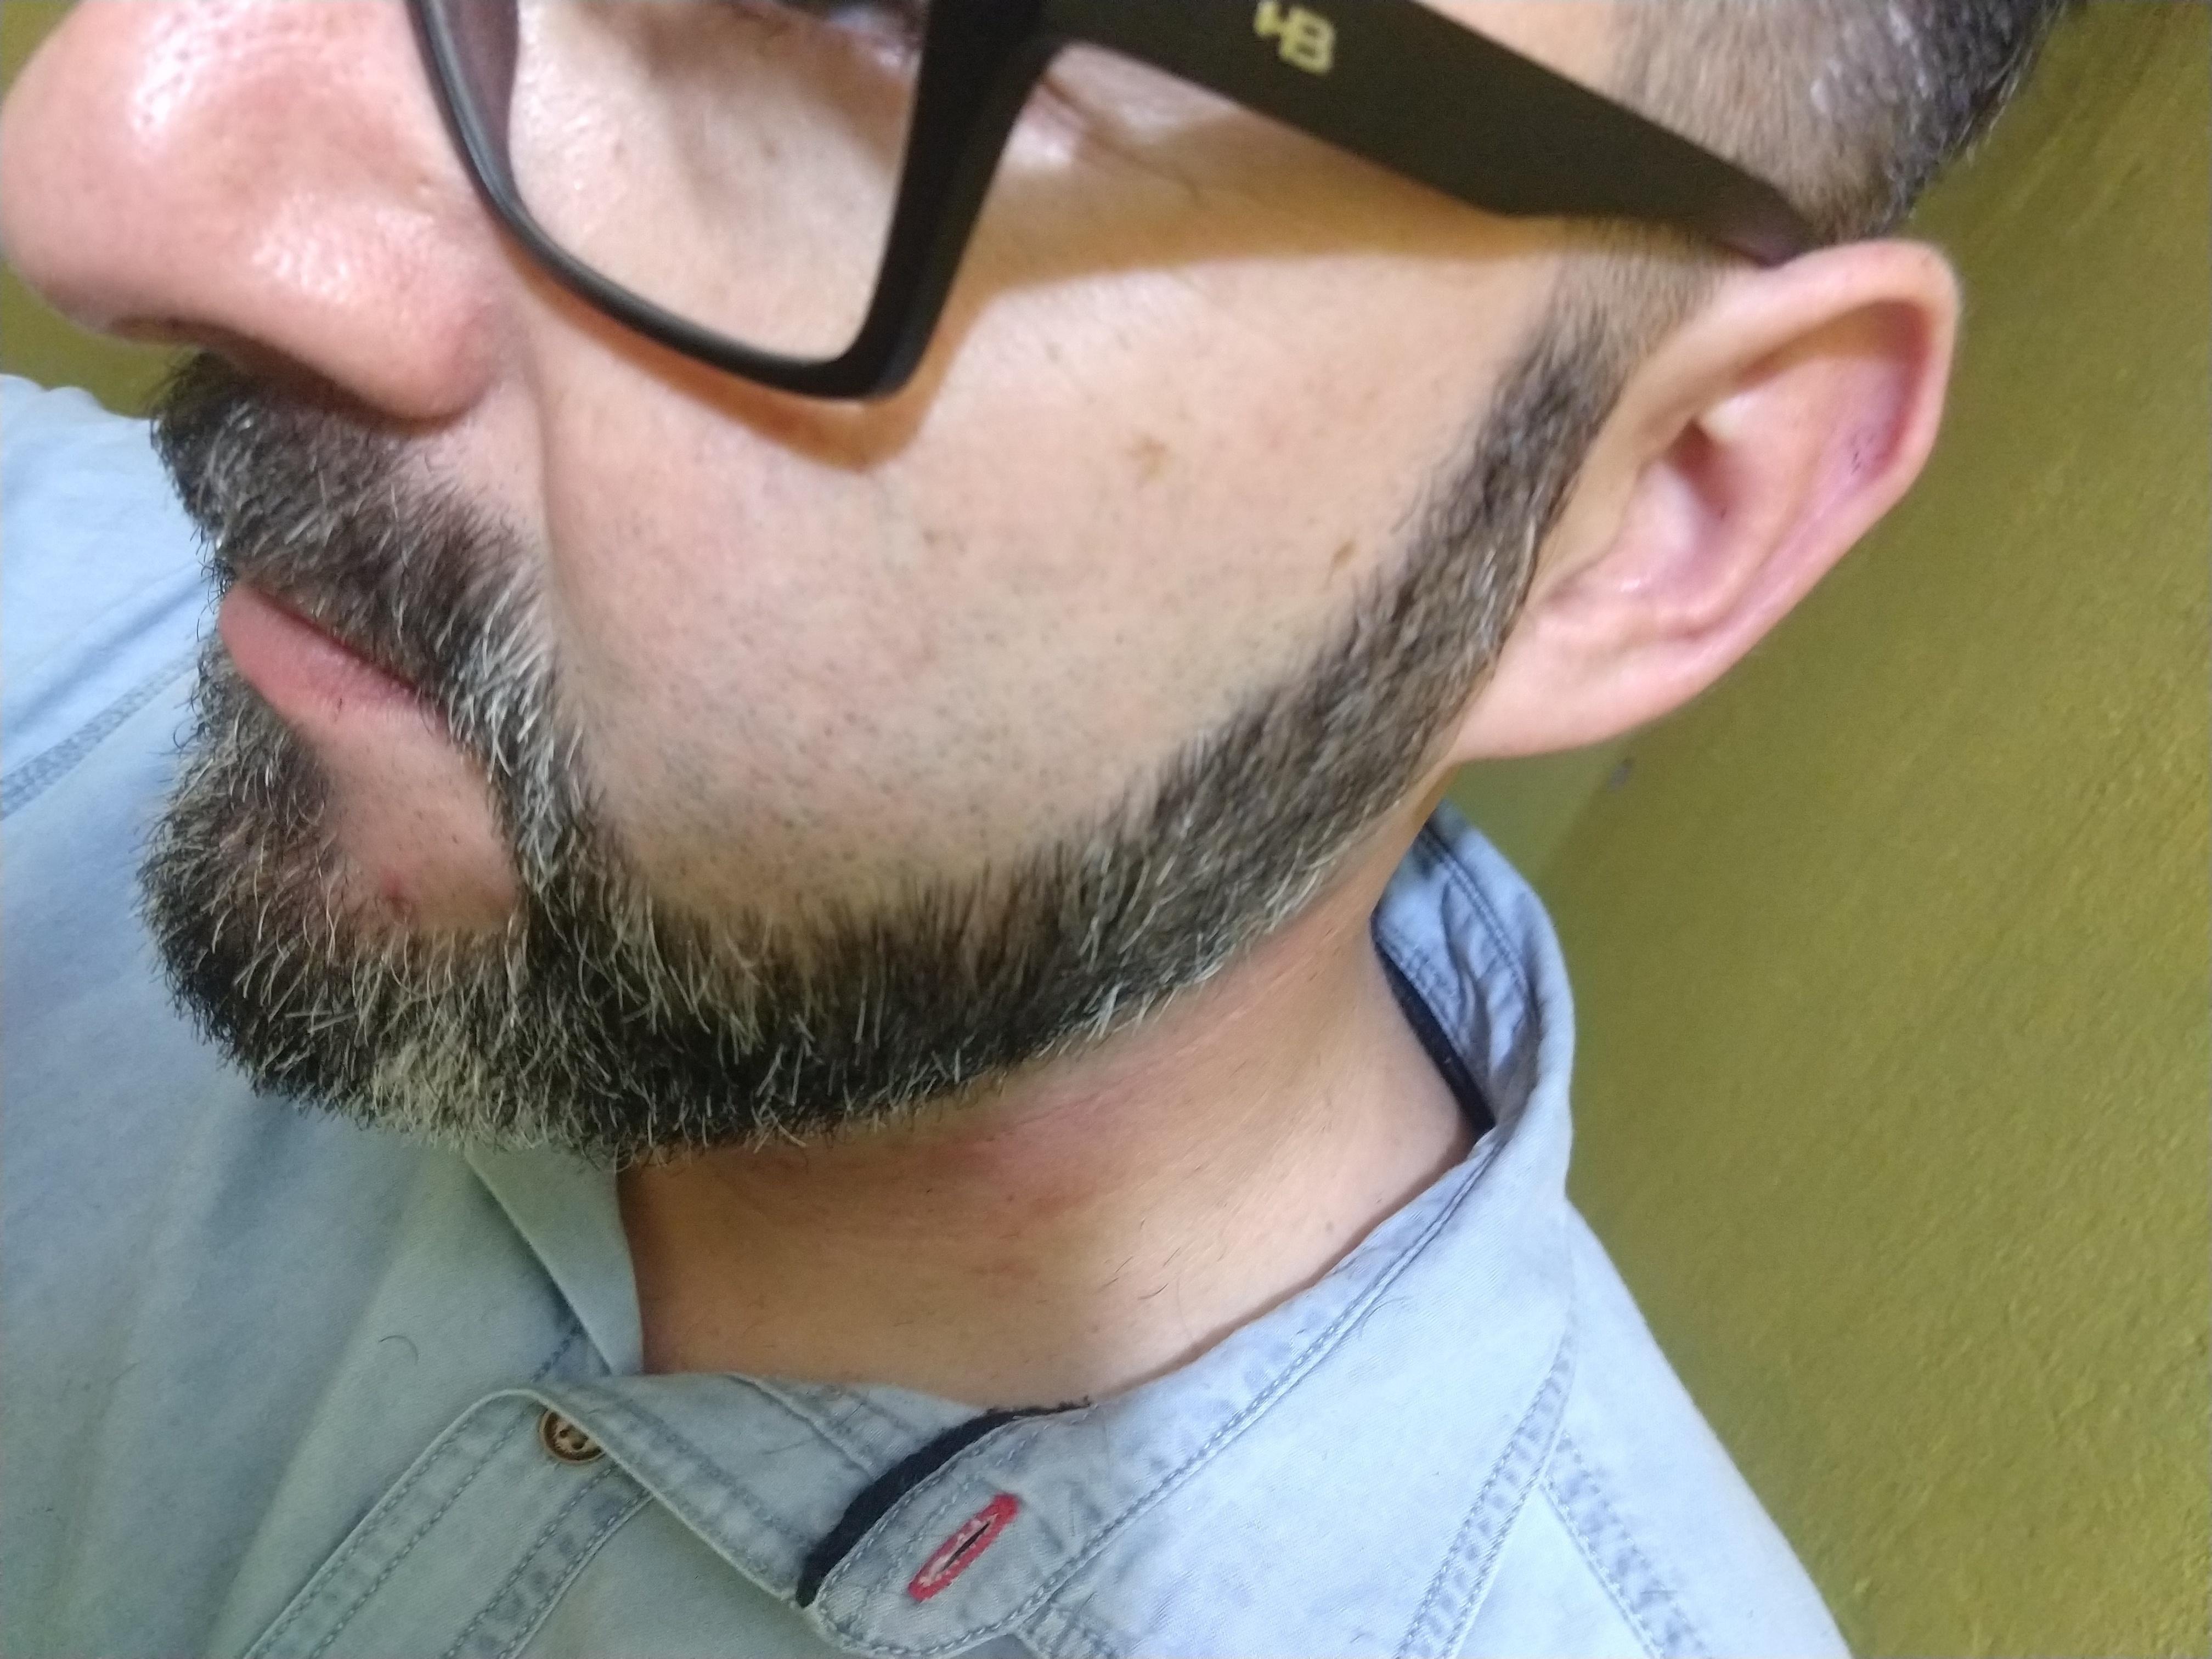 Limpeza e finalização da barba !!! #barbaterapia outros barbeiro(a) estudante